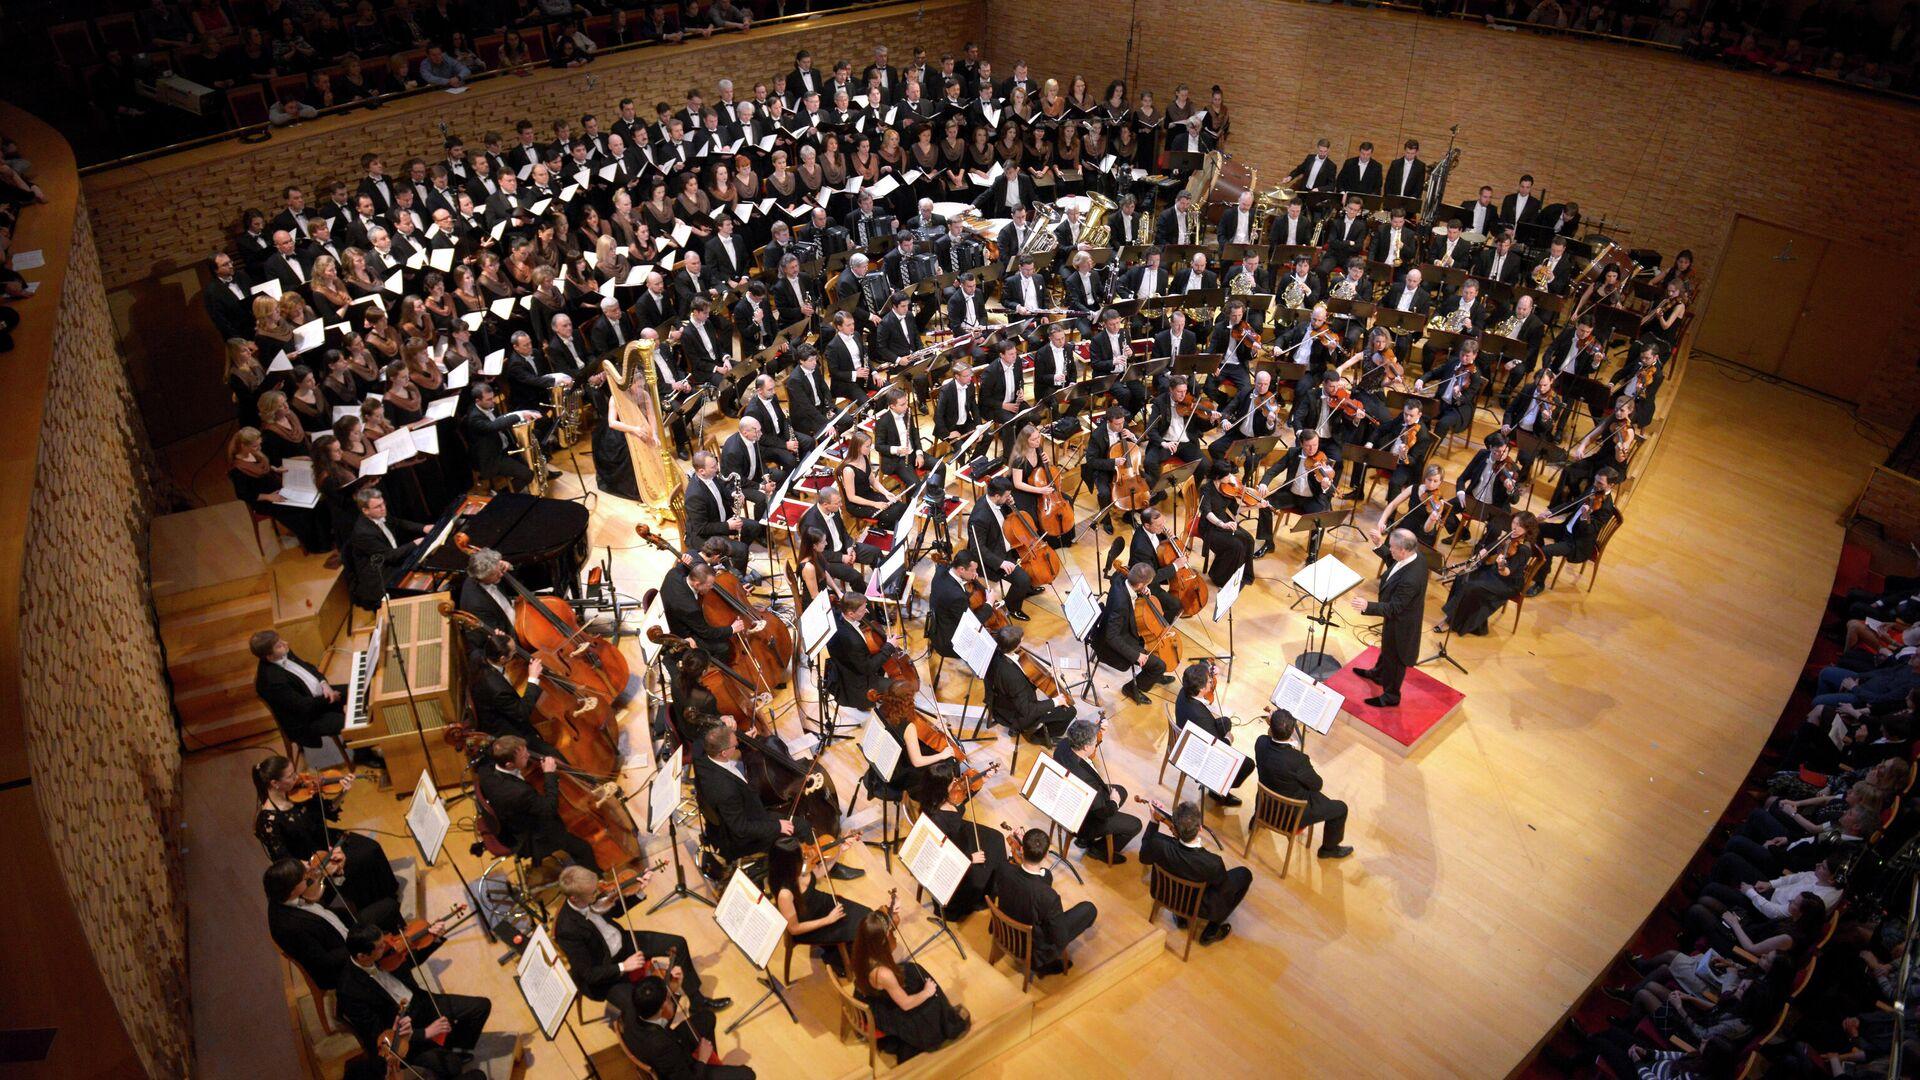 1578070744 0:162:3068:1888 1920x0 80 0 0 ad9ebd9a2e189a87fe97fb94372b4740 - Солисты и оркестр Мариинки открывают гастроли в Париже и Люксембурге